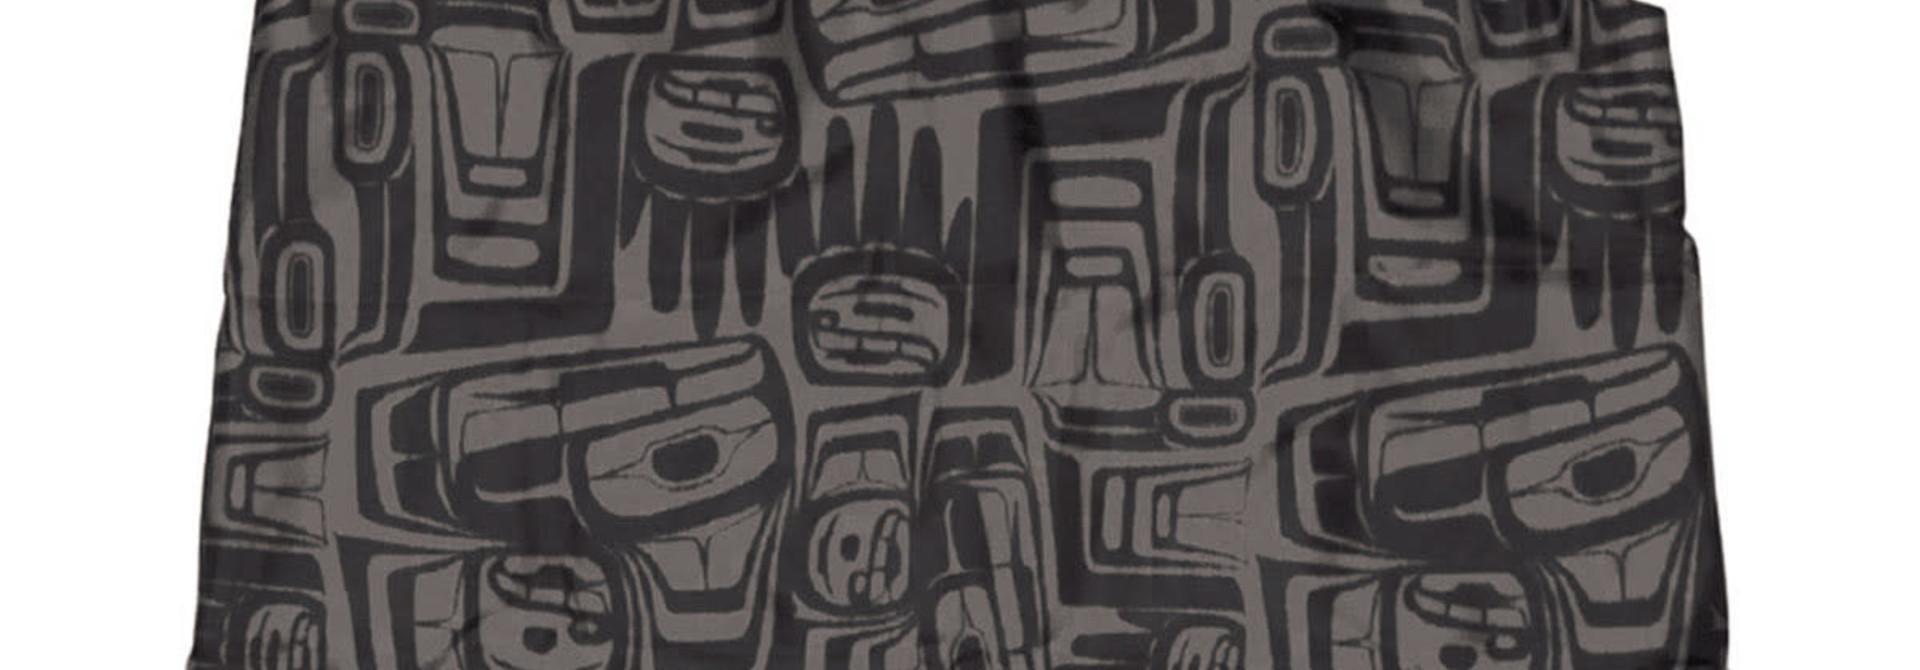 Foldable Bag -black Eagle Crest by Ben Houstie